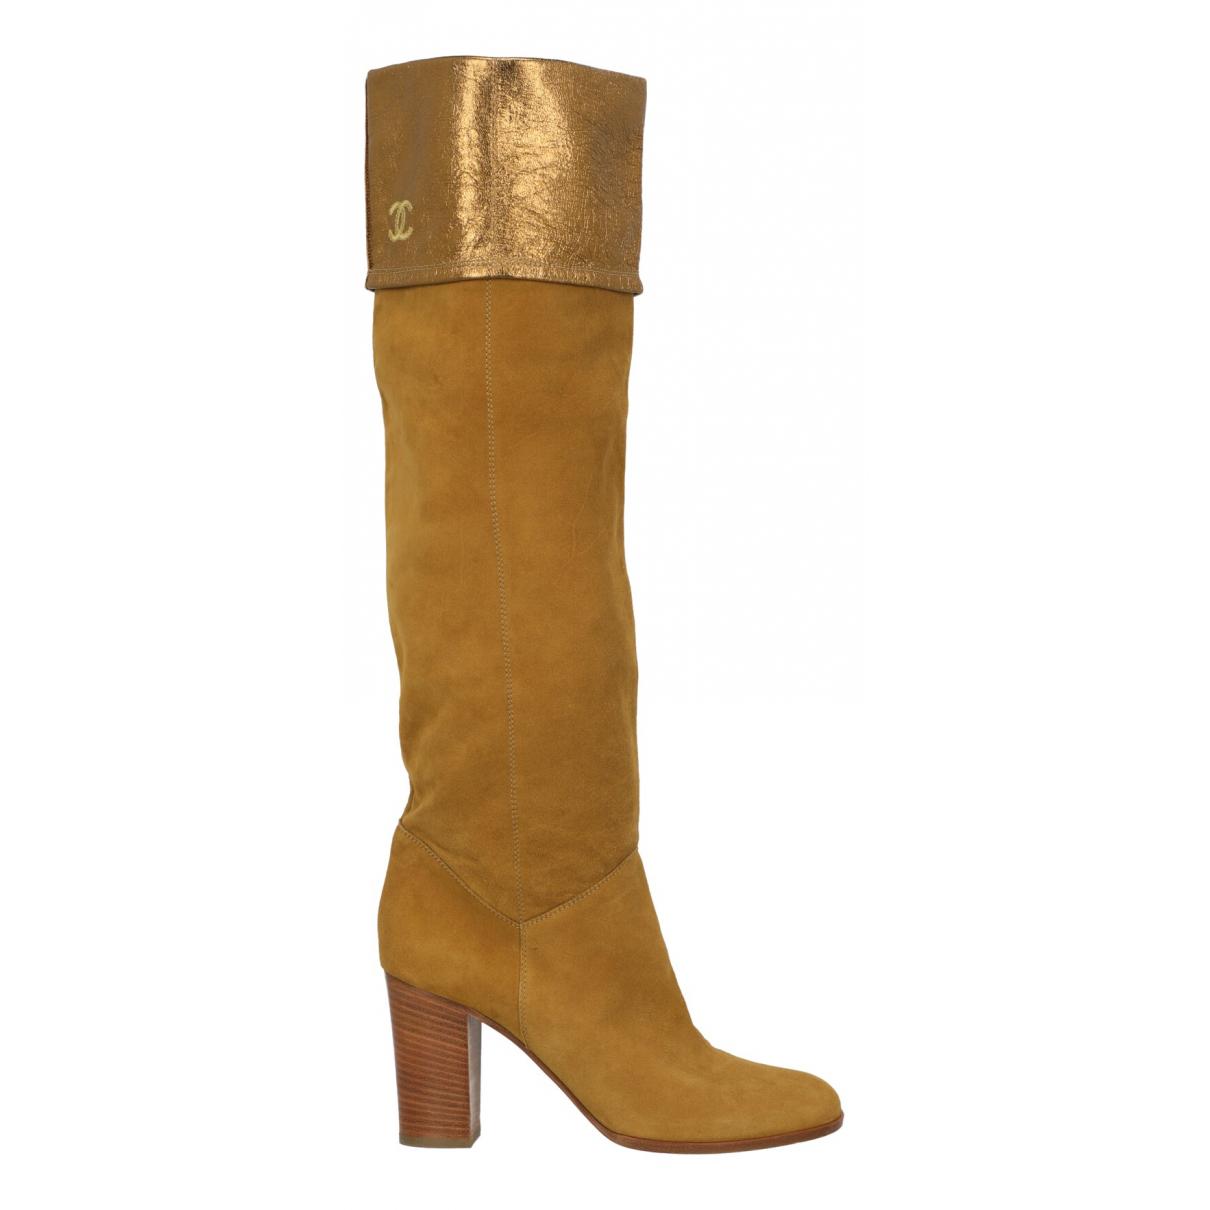 Chanel - Bottes   pour femme en suede - jaune